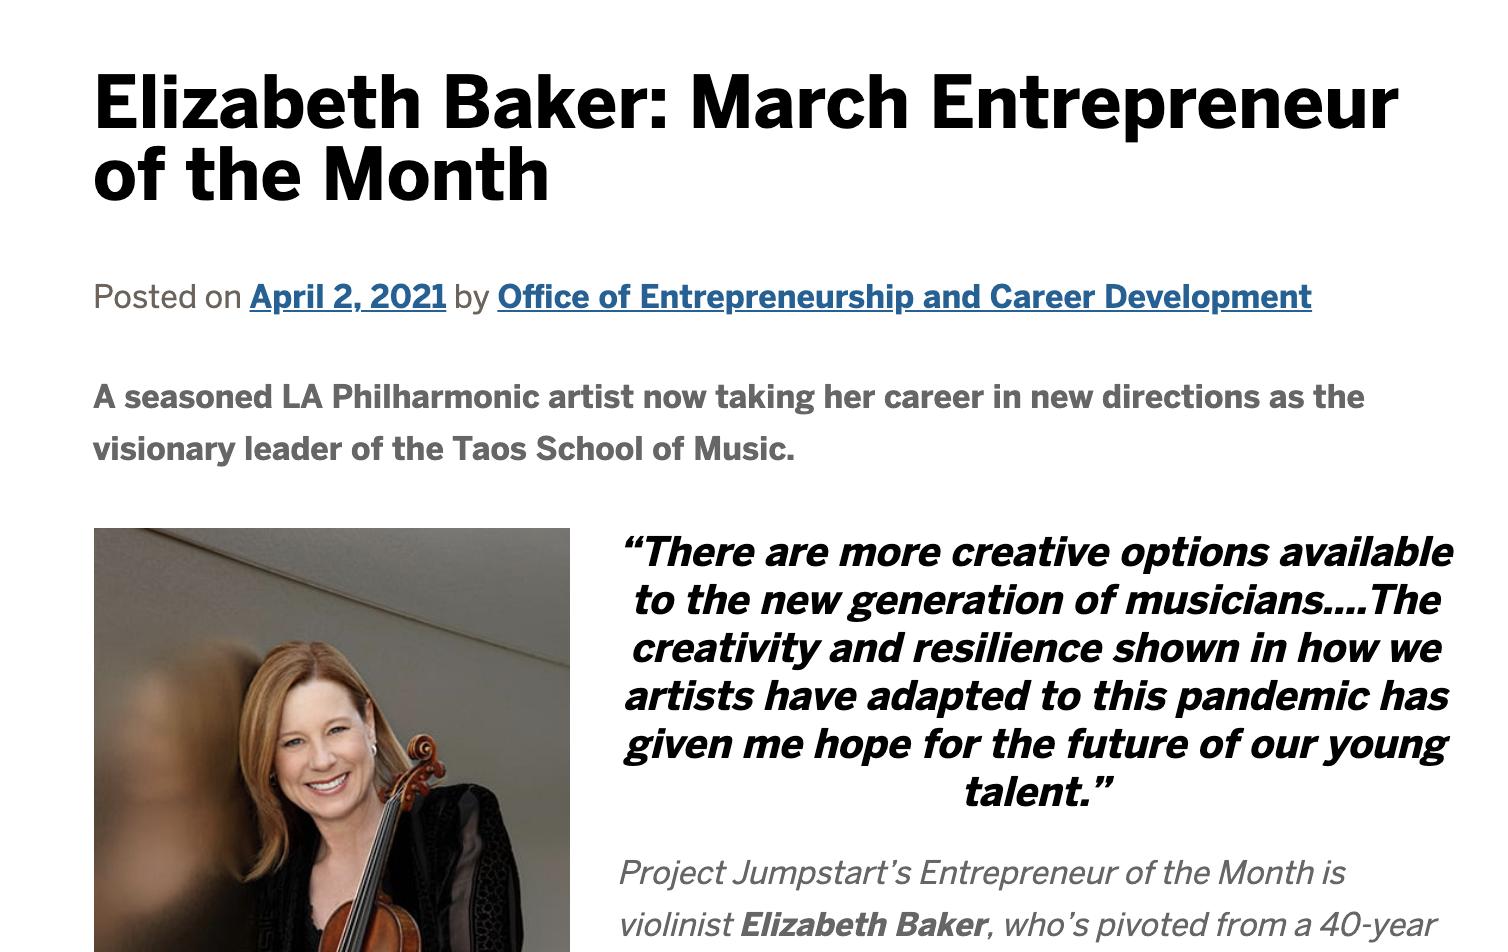 Elizabeth Baker Recognized for Entrepreneurial Spirit with 2020 Concert Livestreams